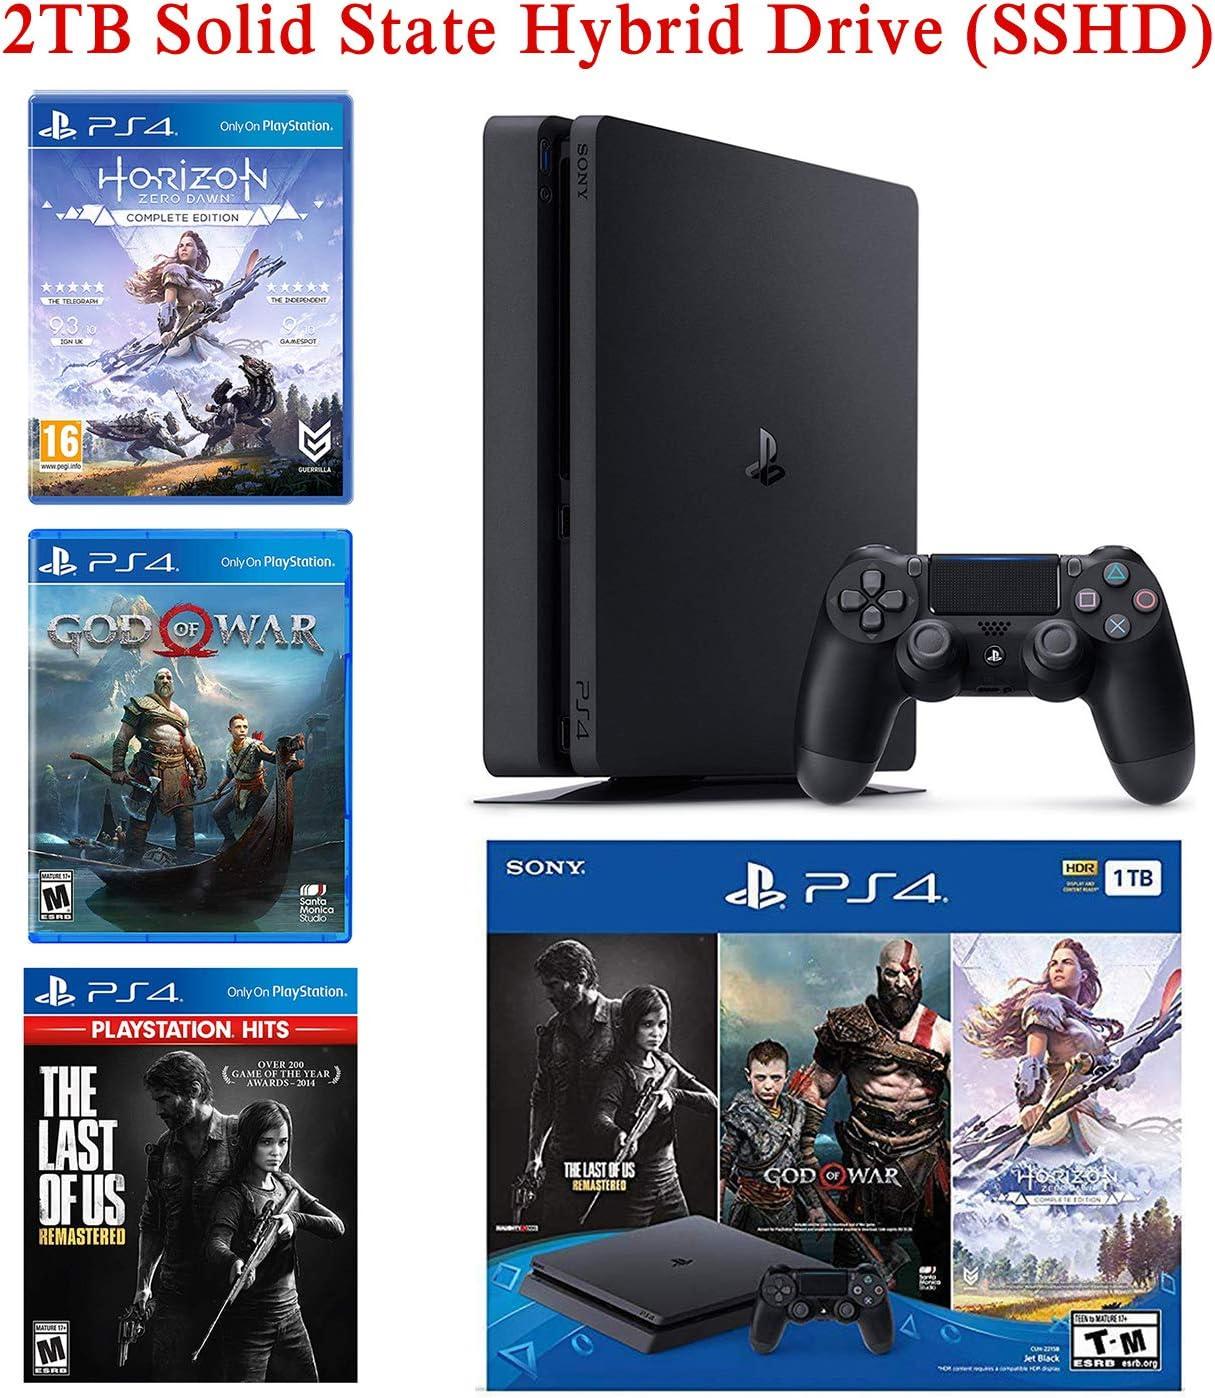 NexiGo Playstation 4 Slim PS4 - Consola SSHD de 2 TB con controlador inalámbrico Dualshock 4: Amazon.es: Electrónica